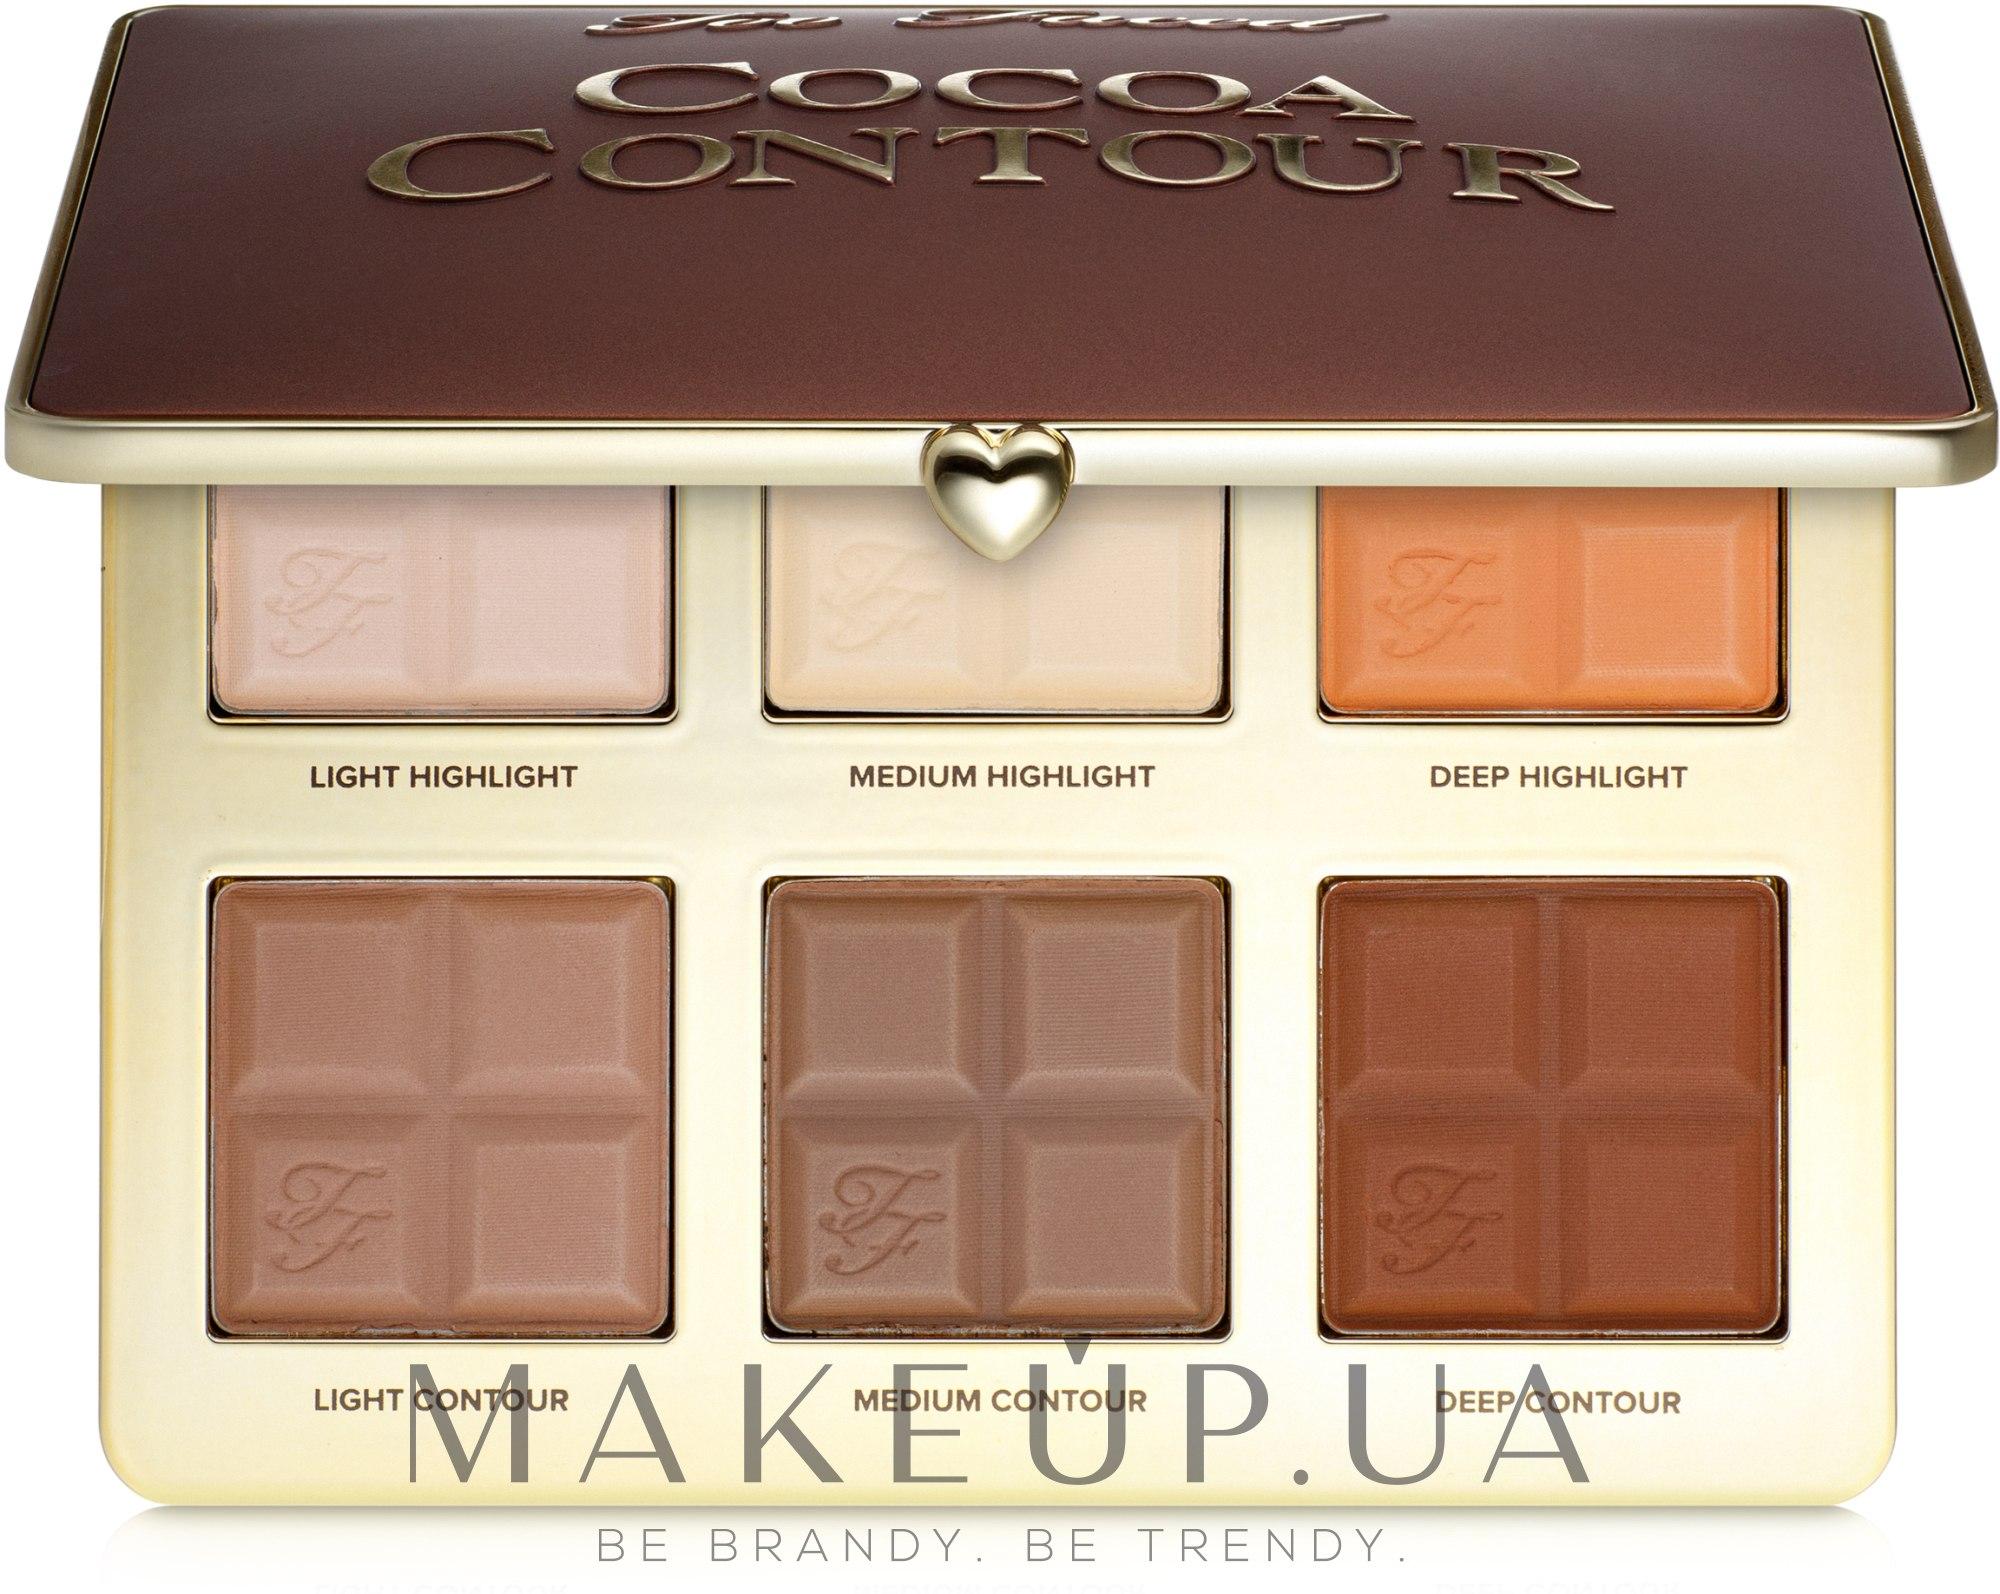 Палетка контуров и хайлайтеров - Too Faced Cocoa Contour Palette — фото 28.5g